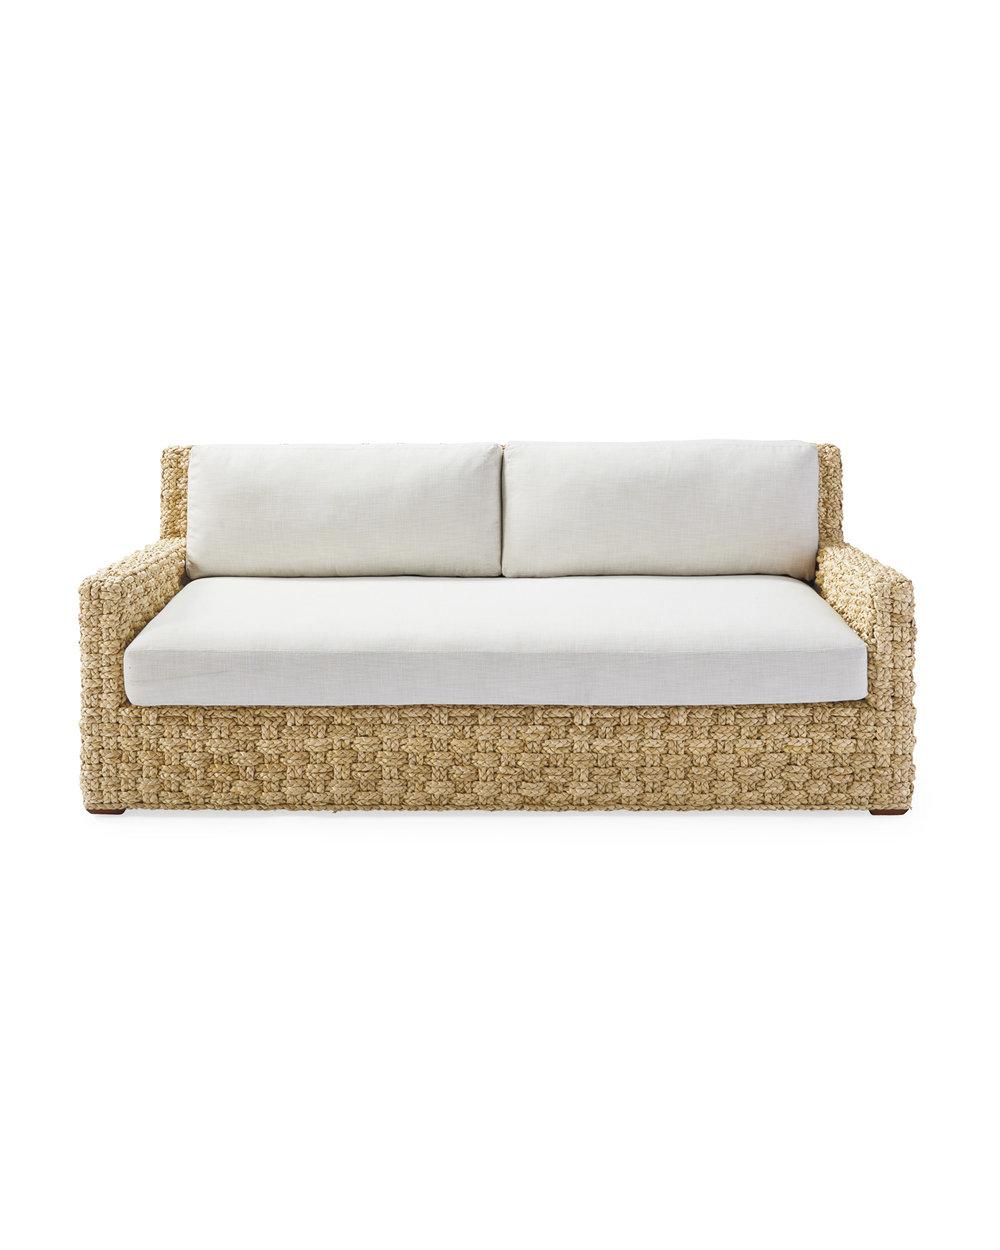 Costa sofa - Serena & Lily